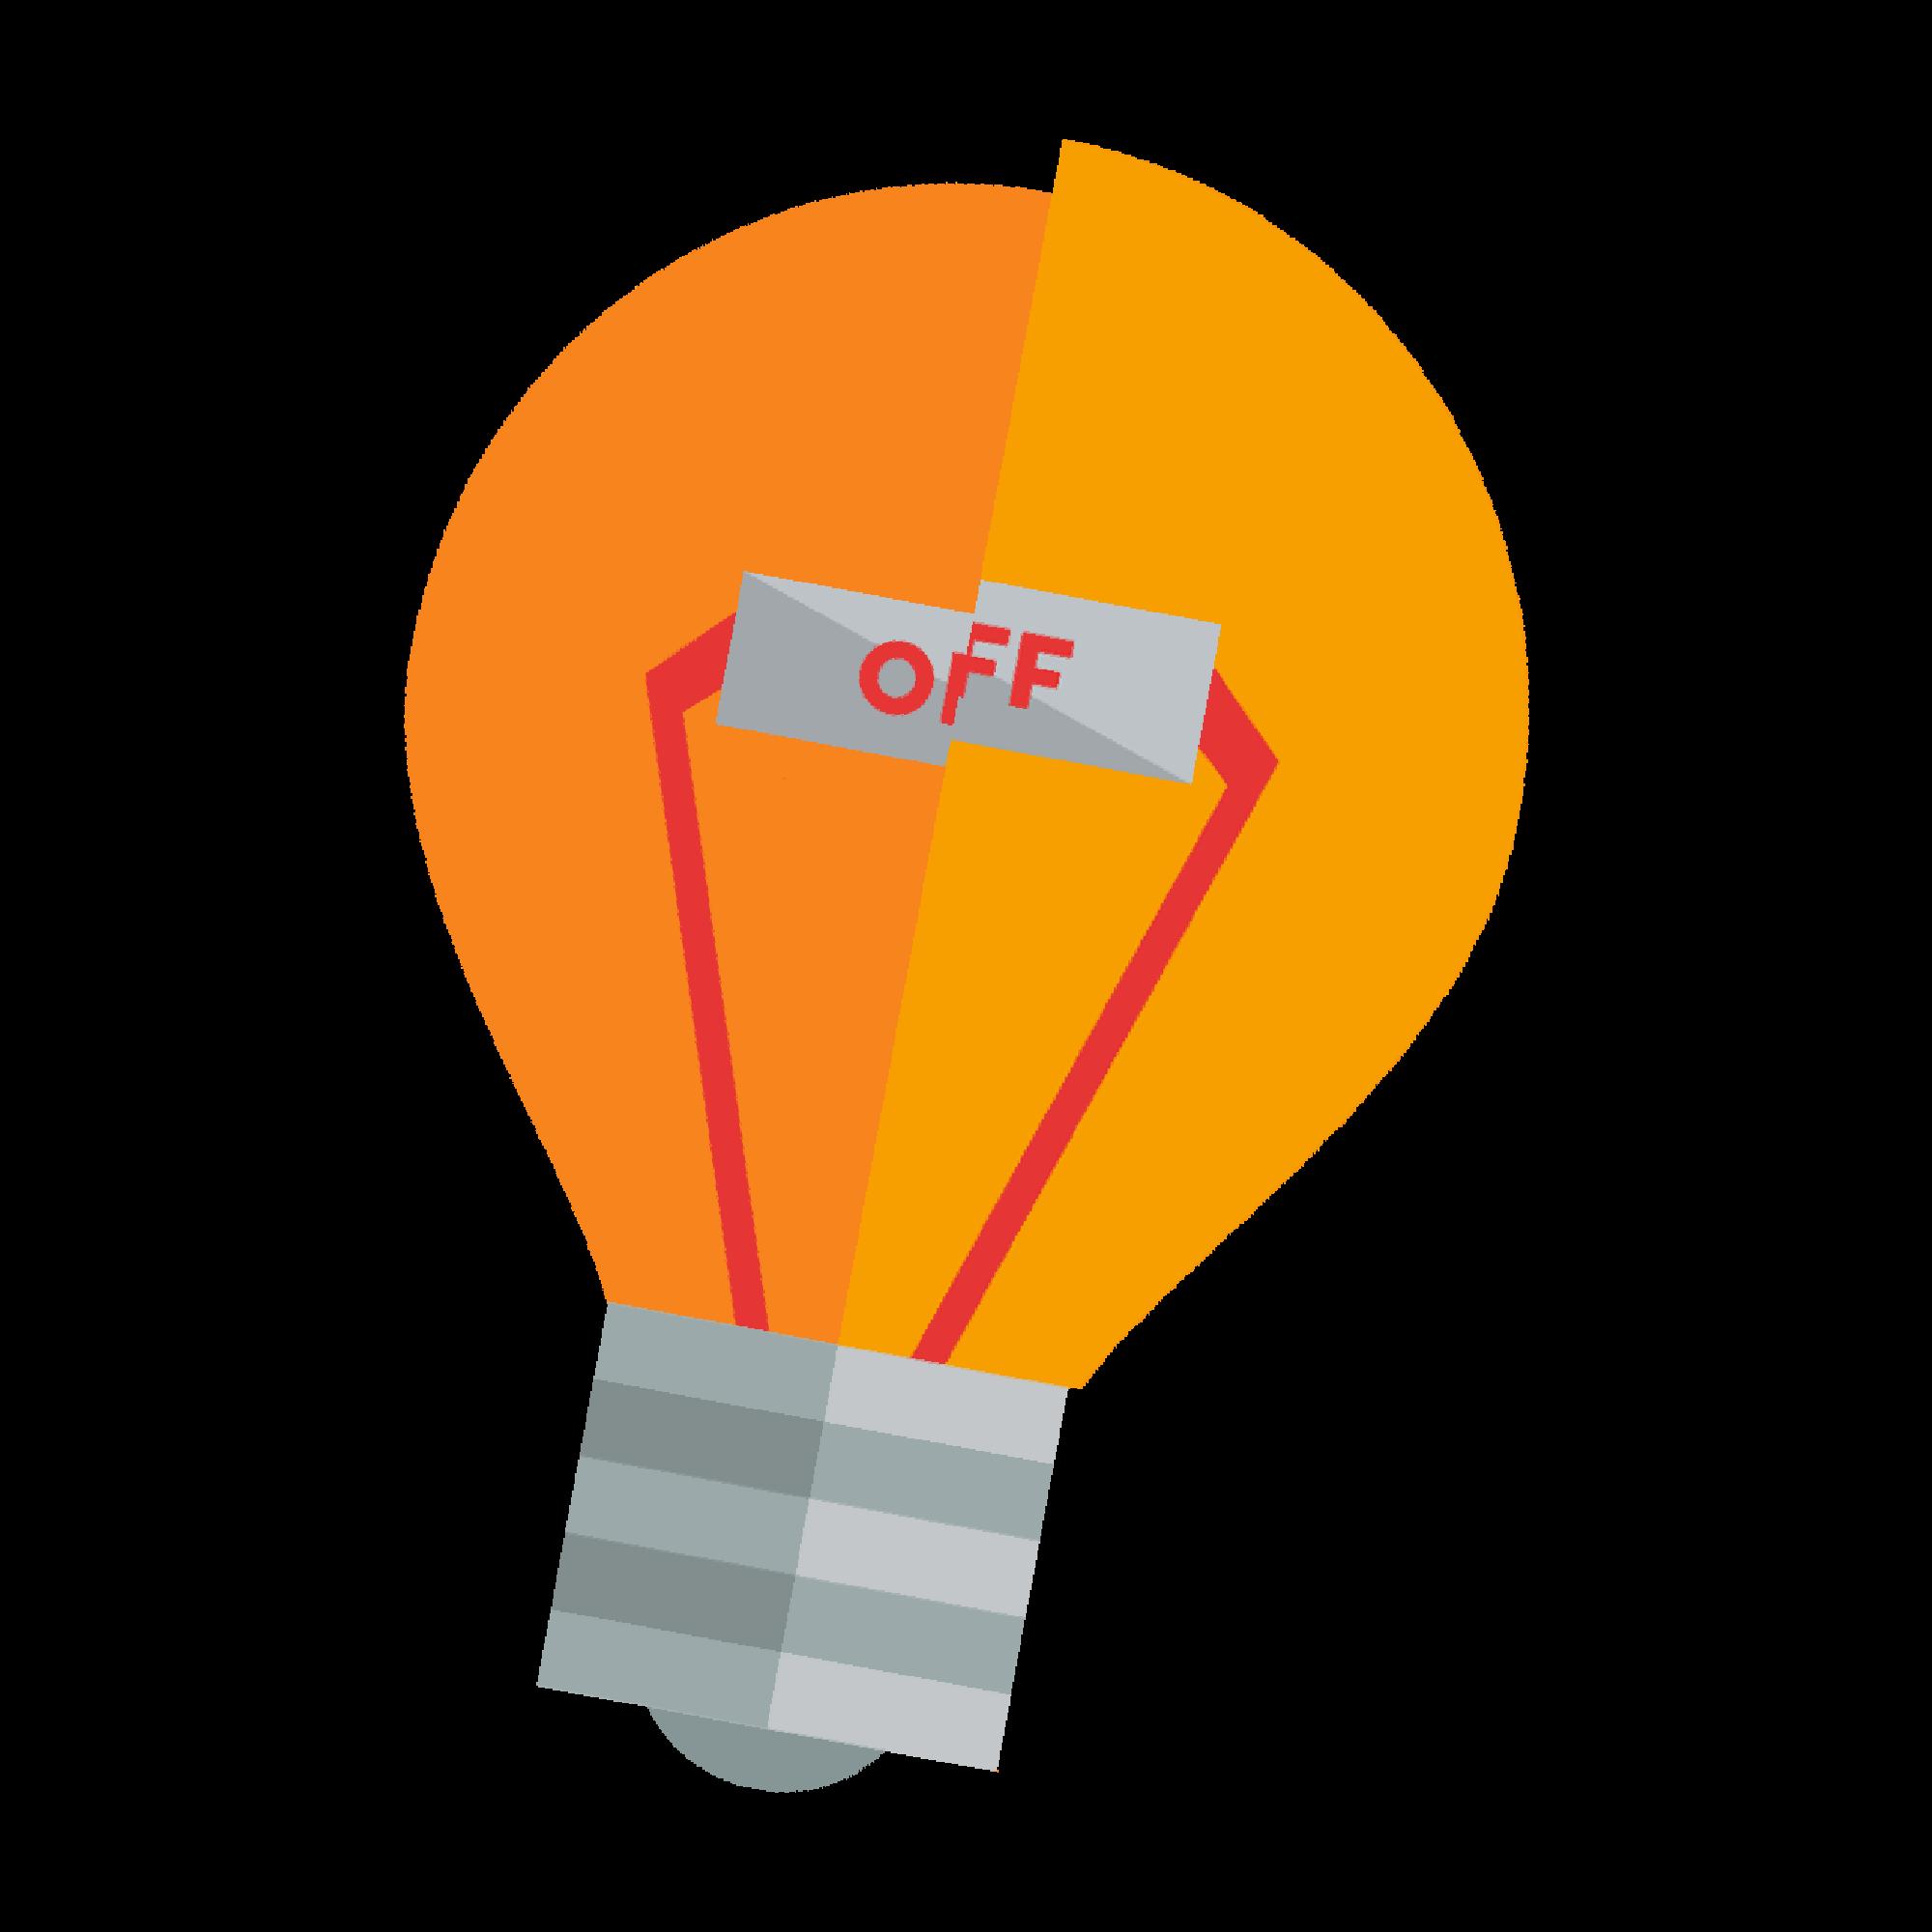 Plan Offlight